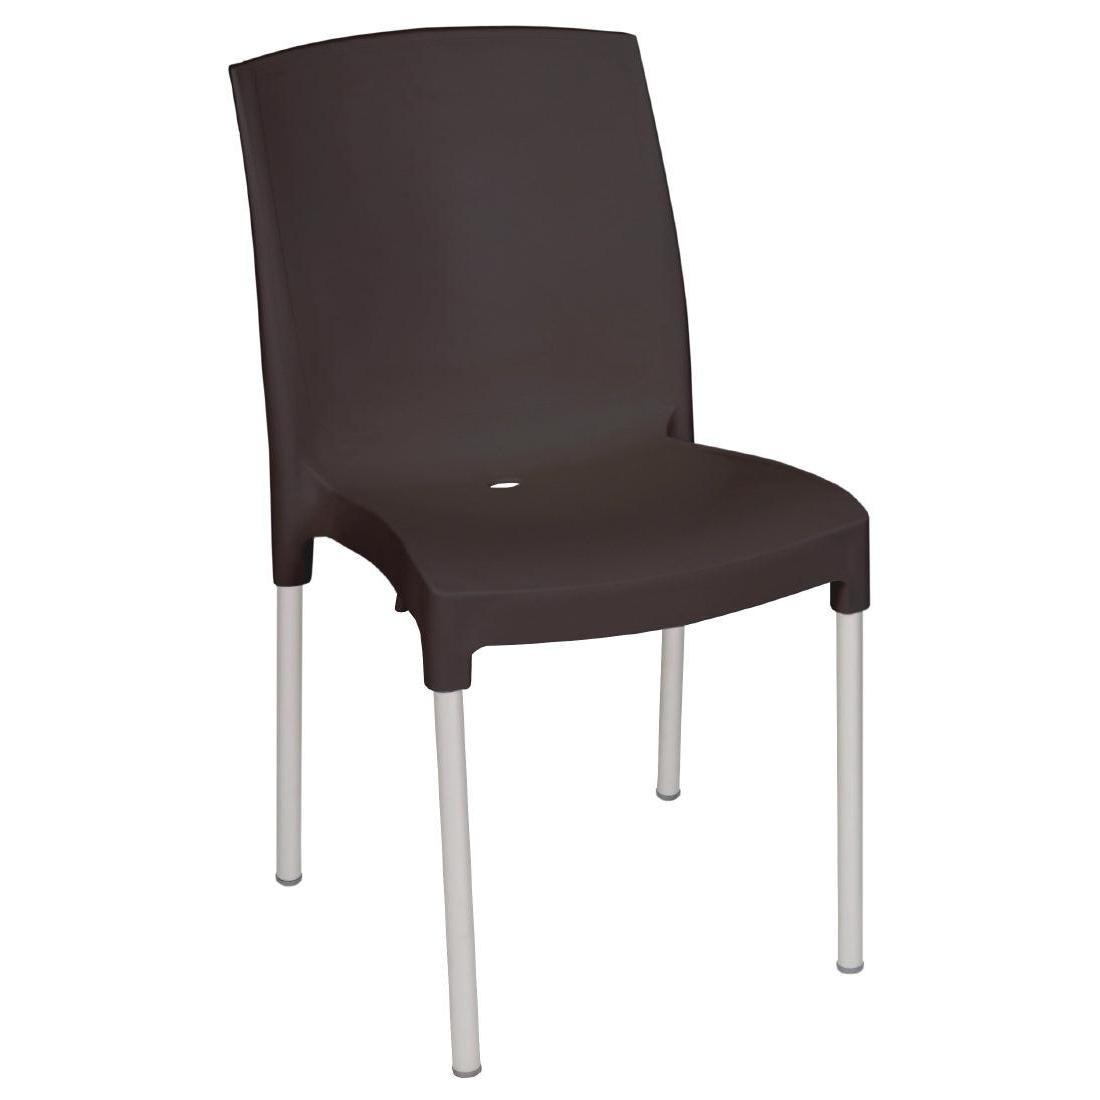 Outdoor stuhl krista 180st schwarz g nstig kaufen m bel star - Outdoor stuhle stapelbar ...